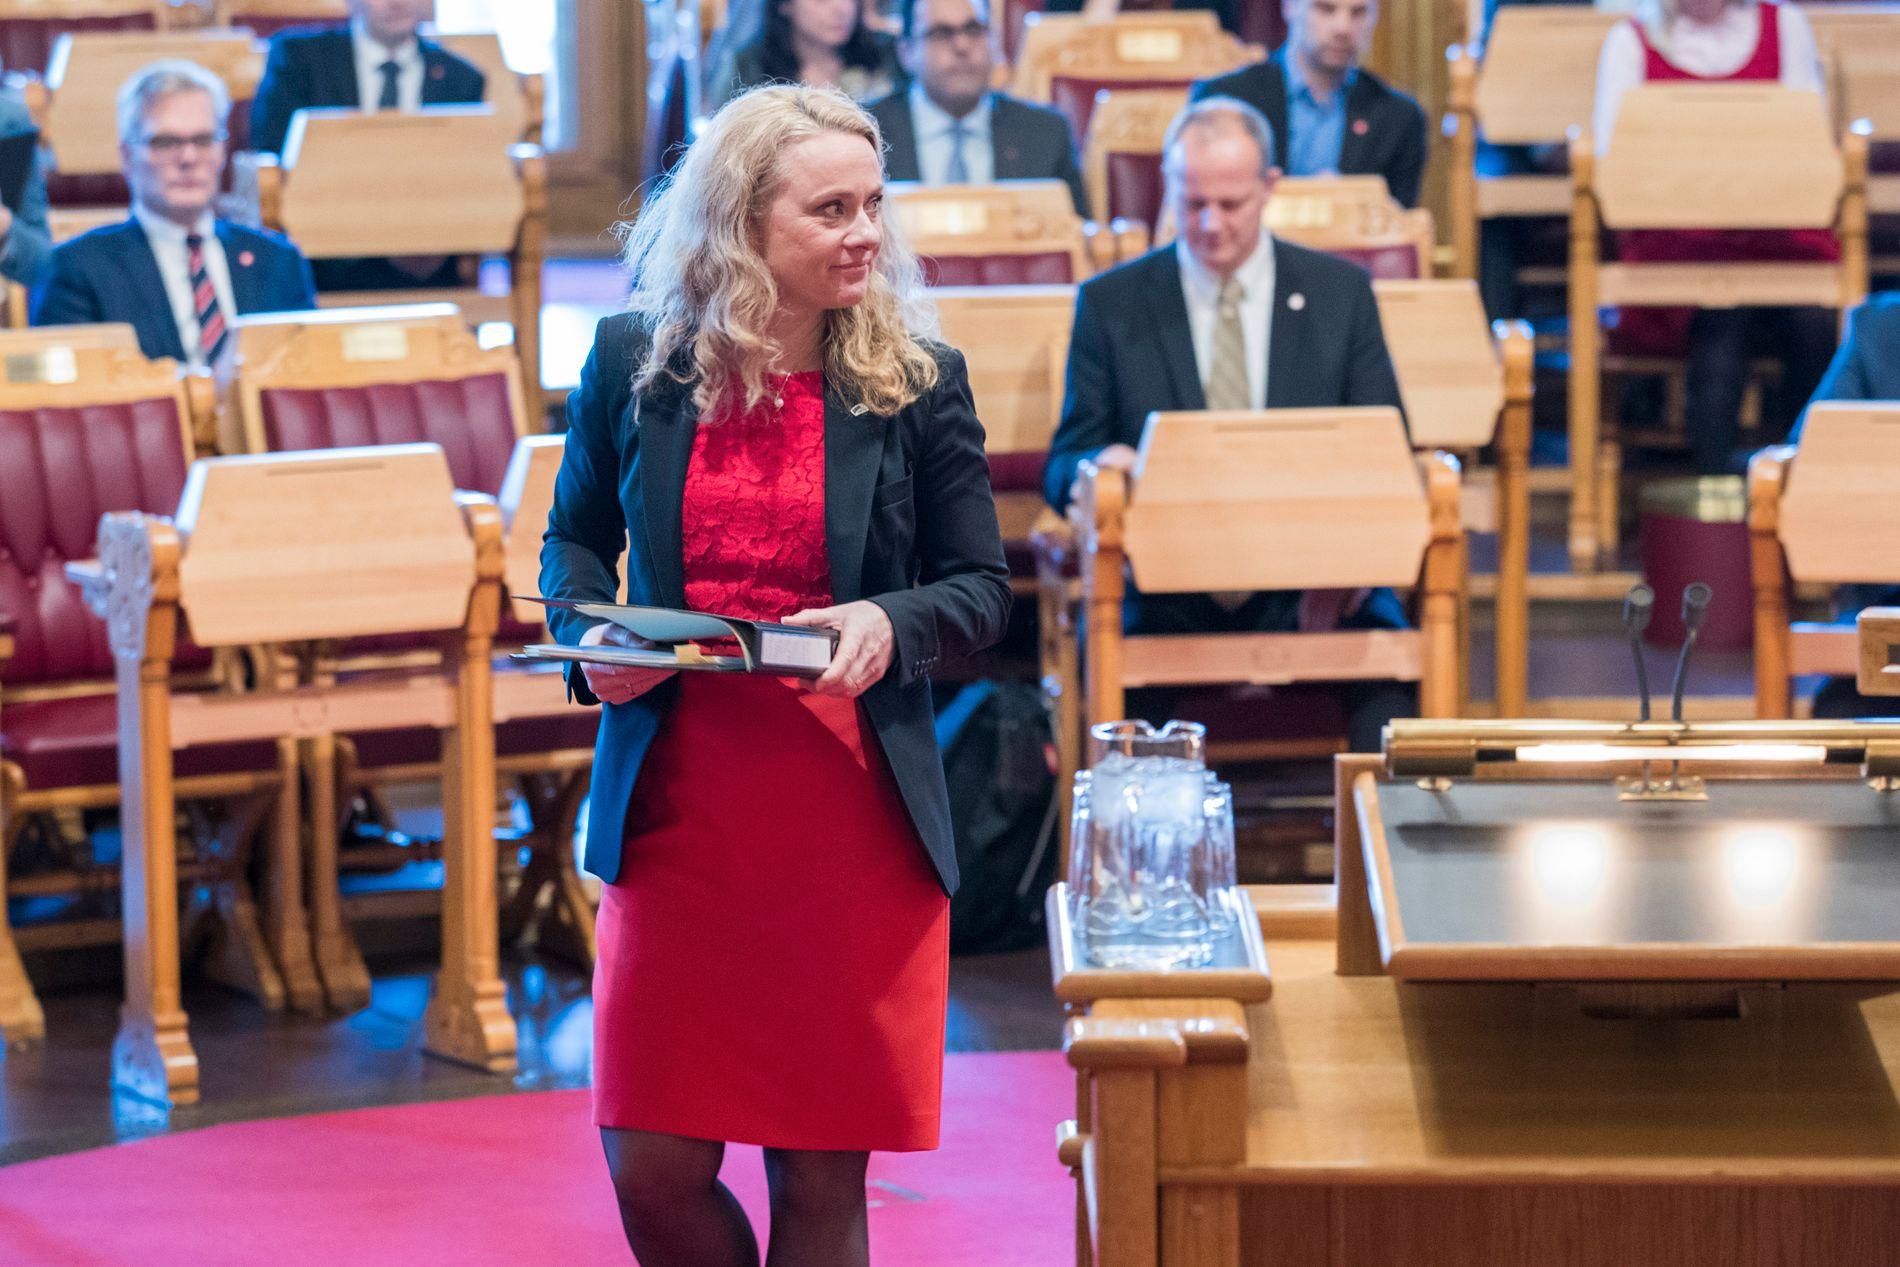 PÅ GANG: Arbeidsminister Anniken Hauglie (H) har tatt initiativ til nye forhandlingar om den offentlege tenestepensjonen. Dei byrjar truleg ut på nyåret.